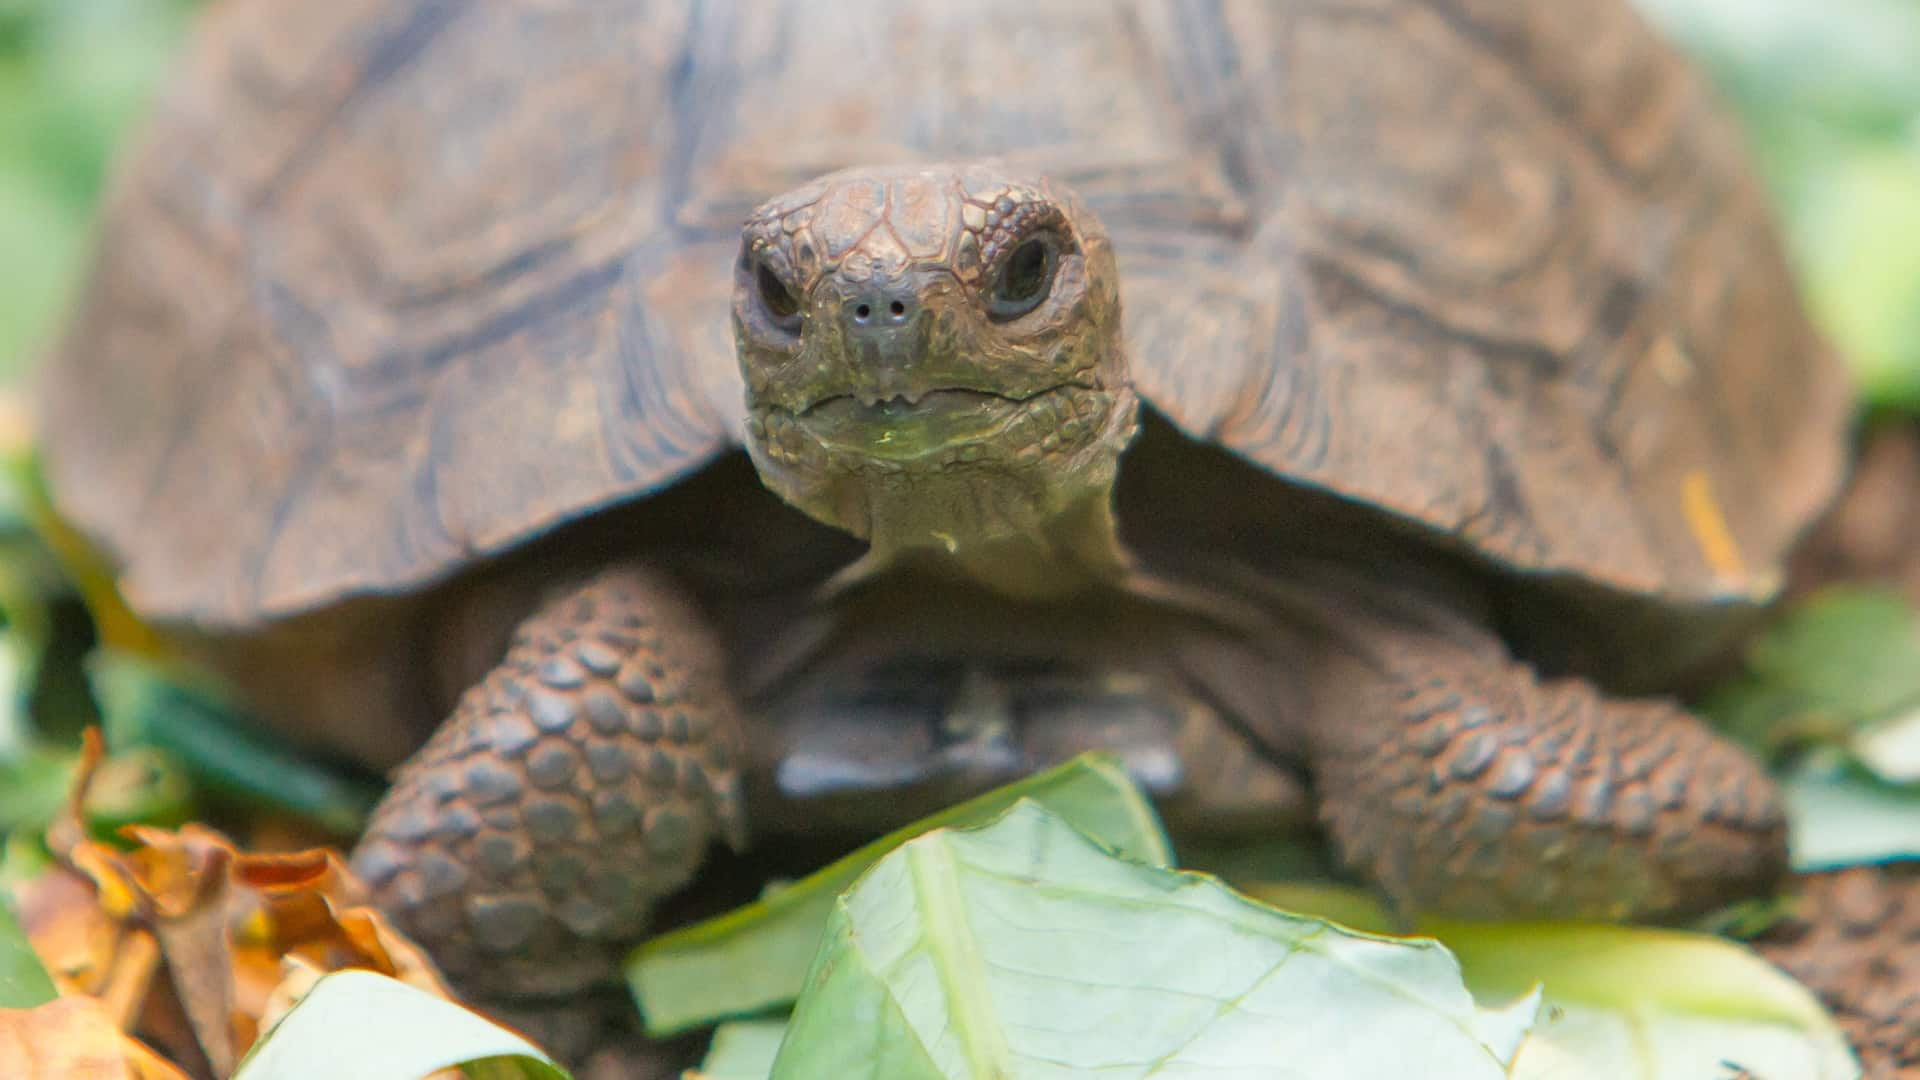 Miglior cibo per tartarughe 2020: Guida all'acquisto